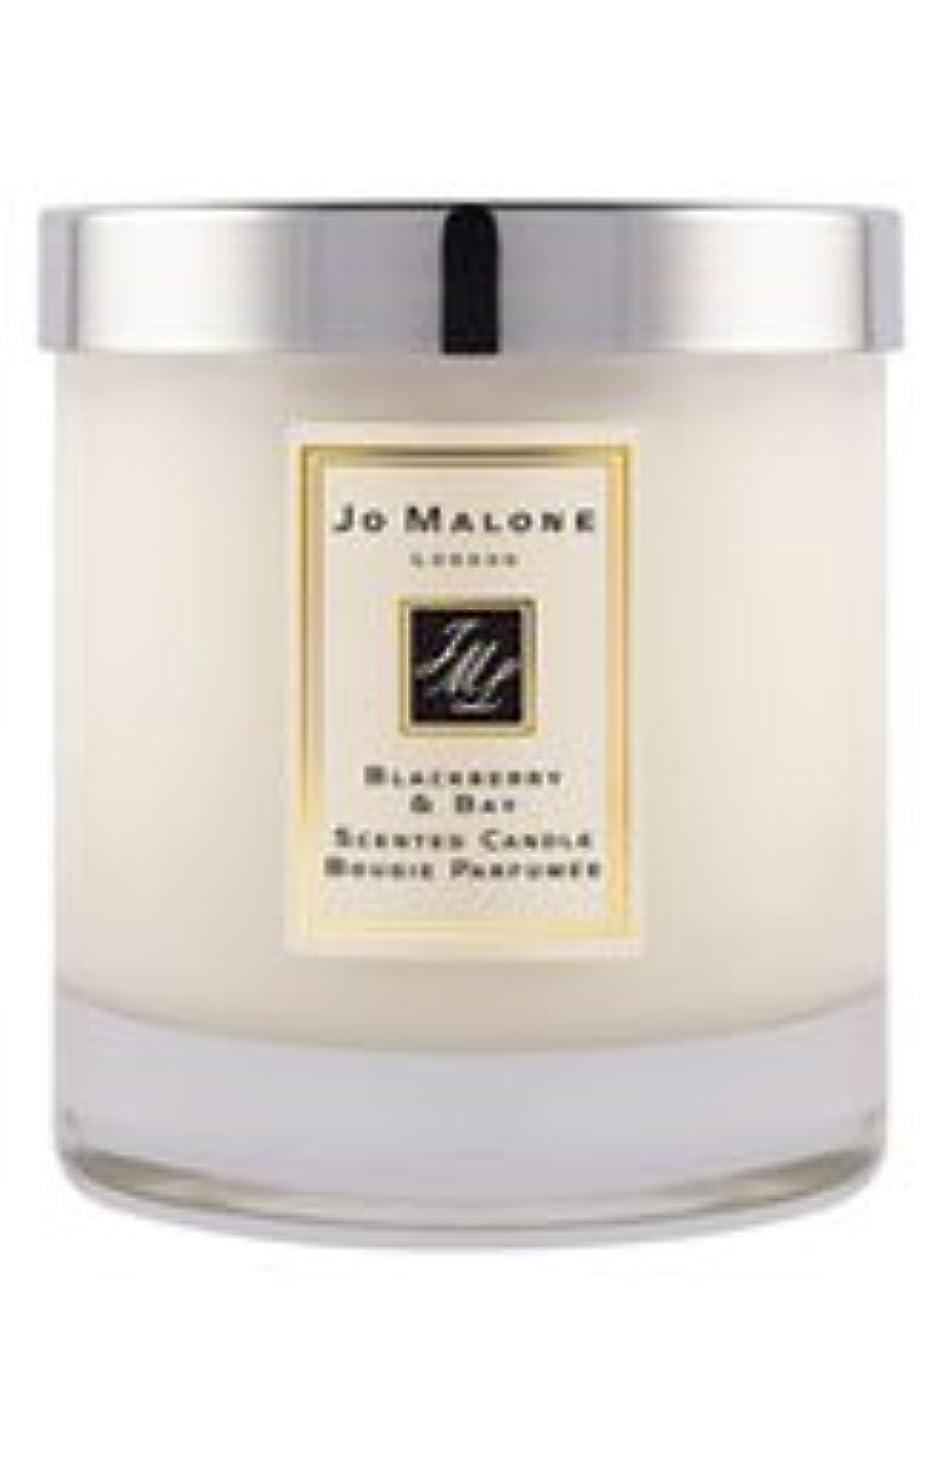 ジョーマローン 'ブラックベリー&ベイ' 7.0 oz (210ml) ホームキャンドル (香りつき)